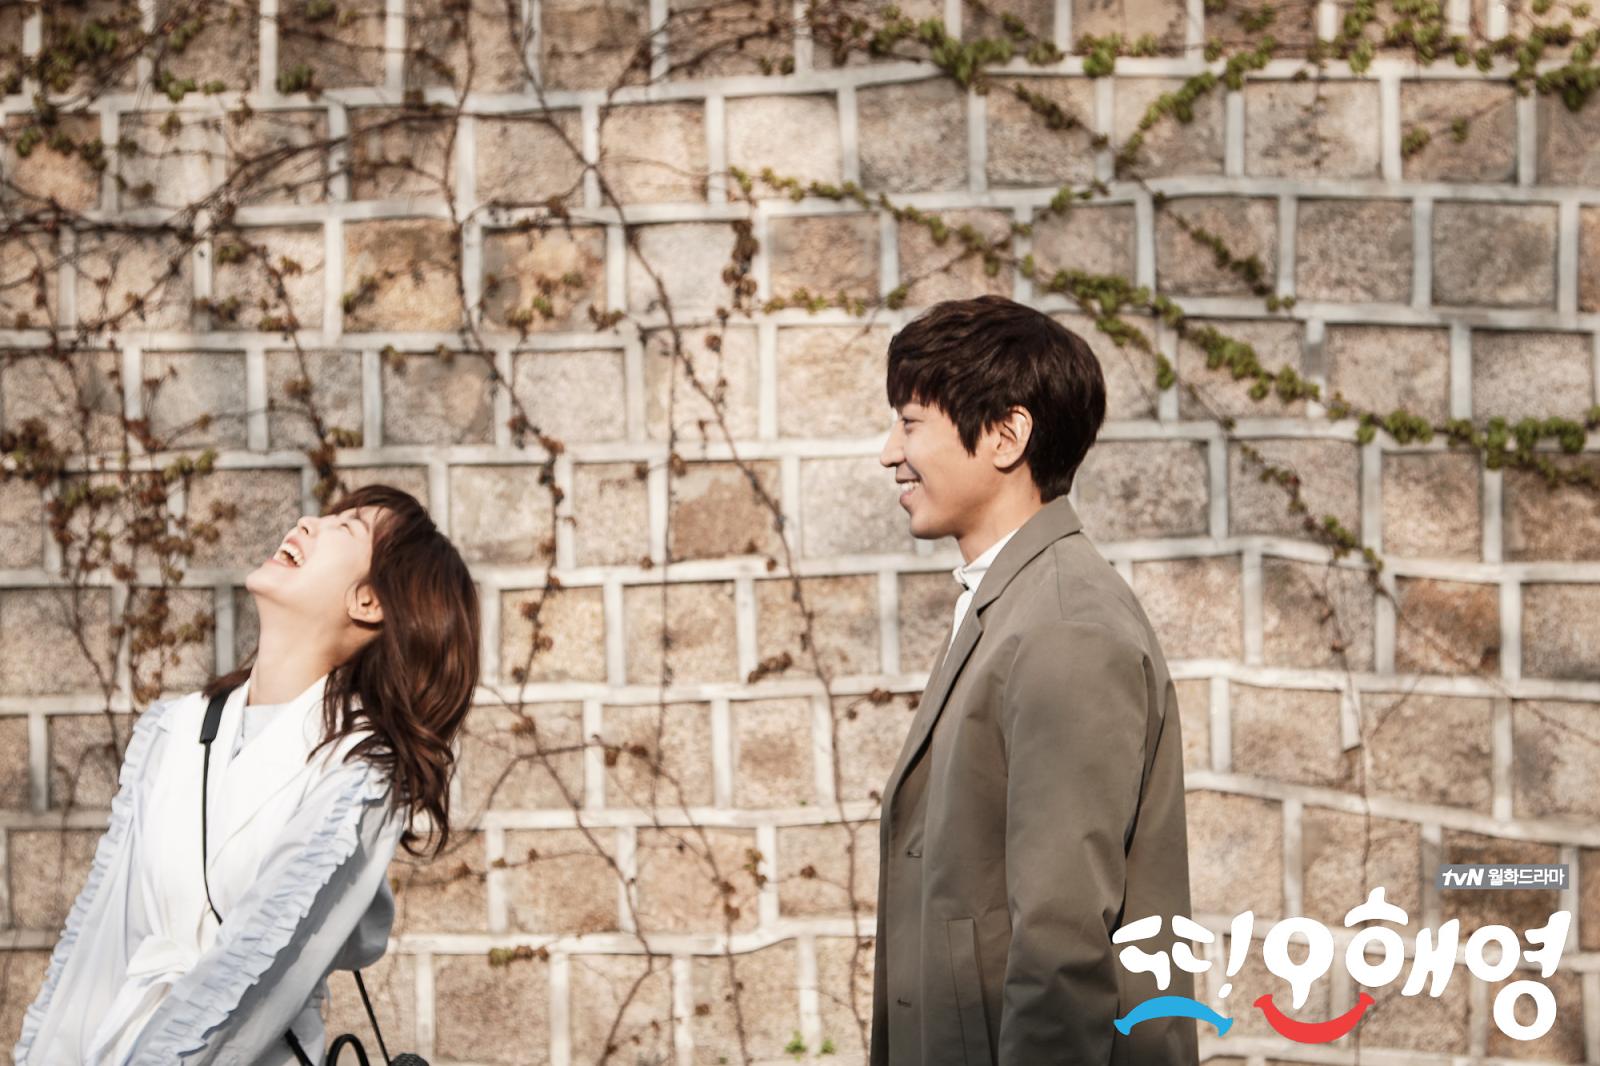 Top 20 phim Hàn có rating cao nhất đài cáp (Phần cuối): Lộ diện 10 cực phẩm của cực phẩm - Ảnh 3.